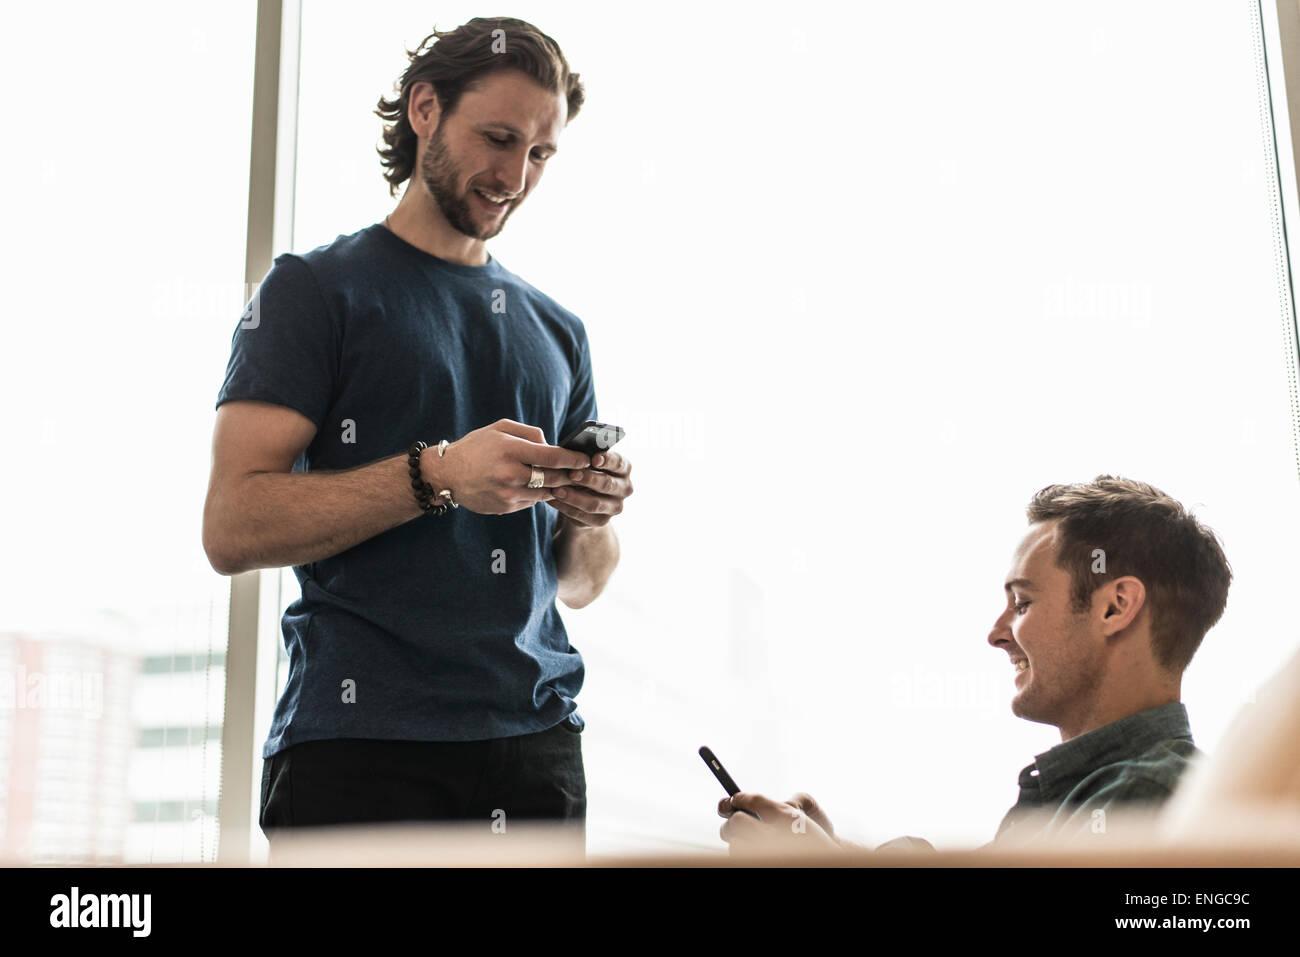 Zwei Männer in einem Büro, überprüfen ihre Smartphones. Stockbild